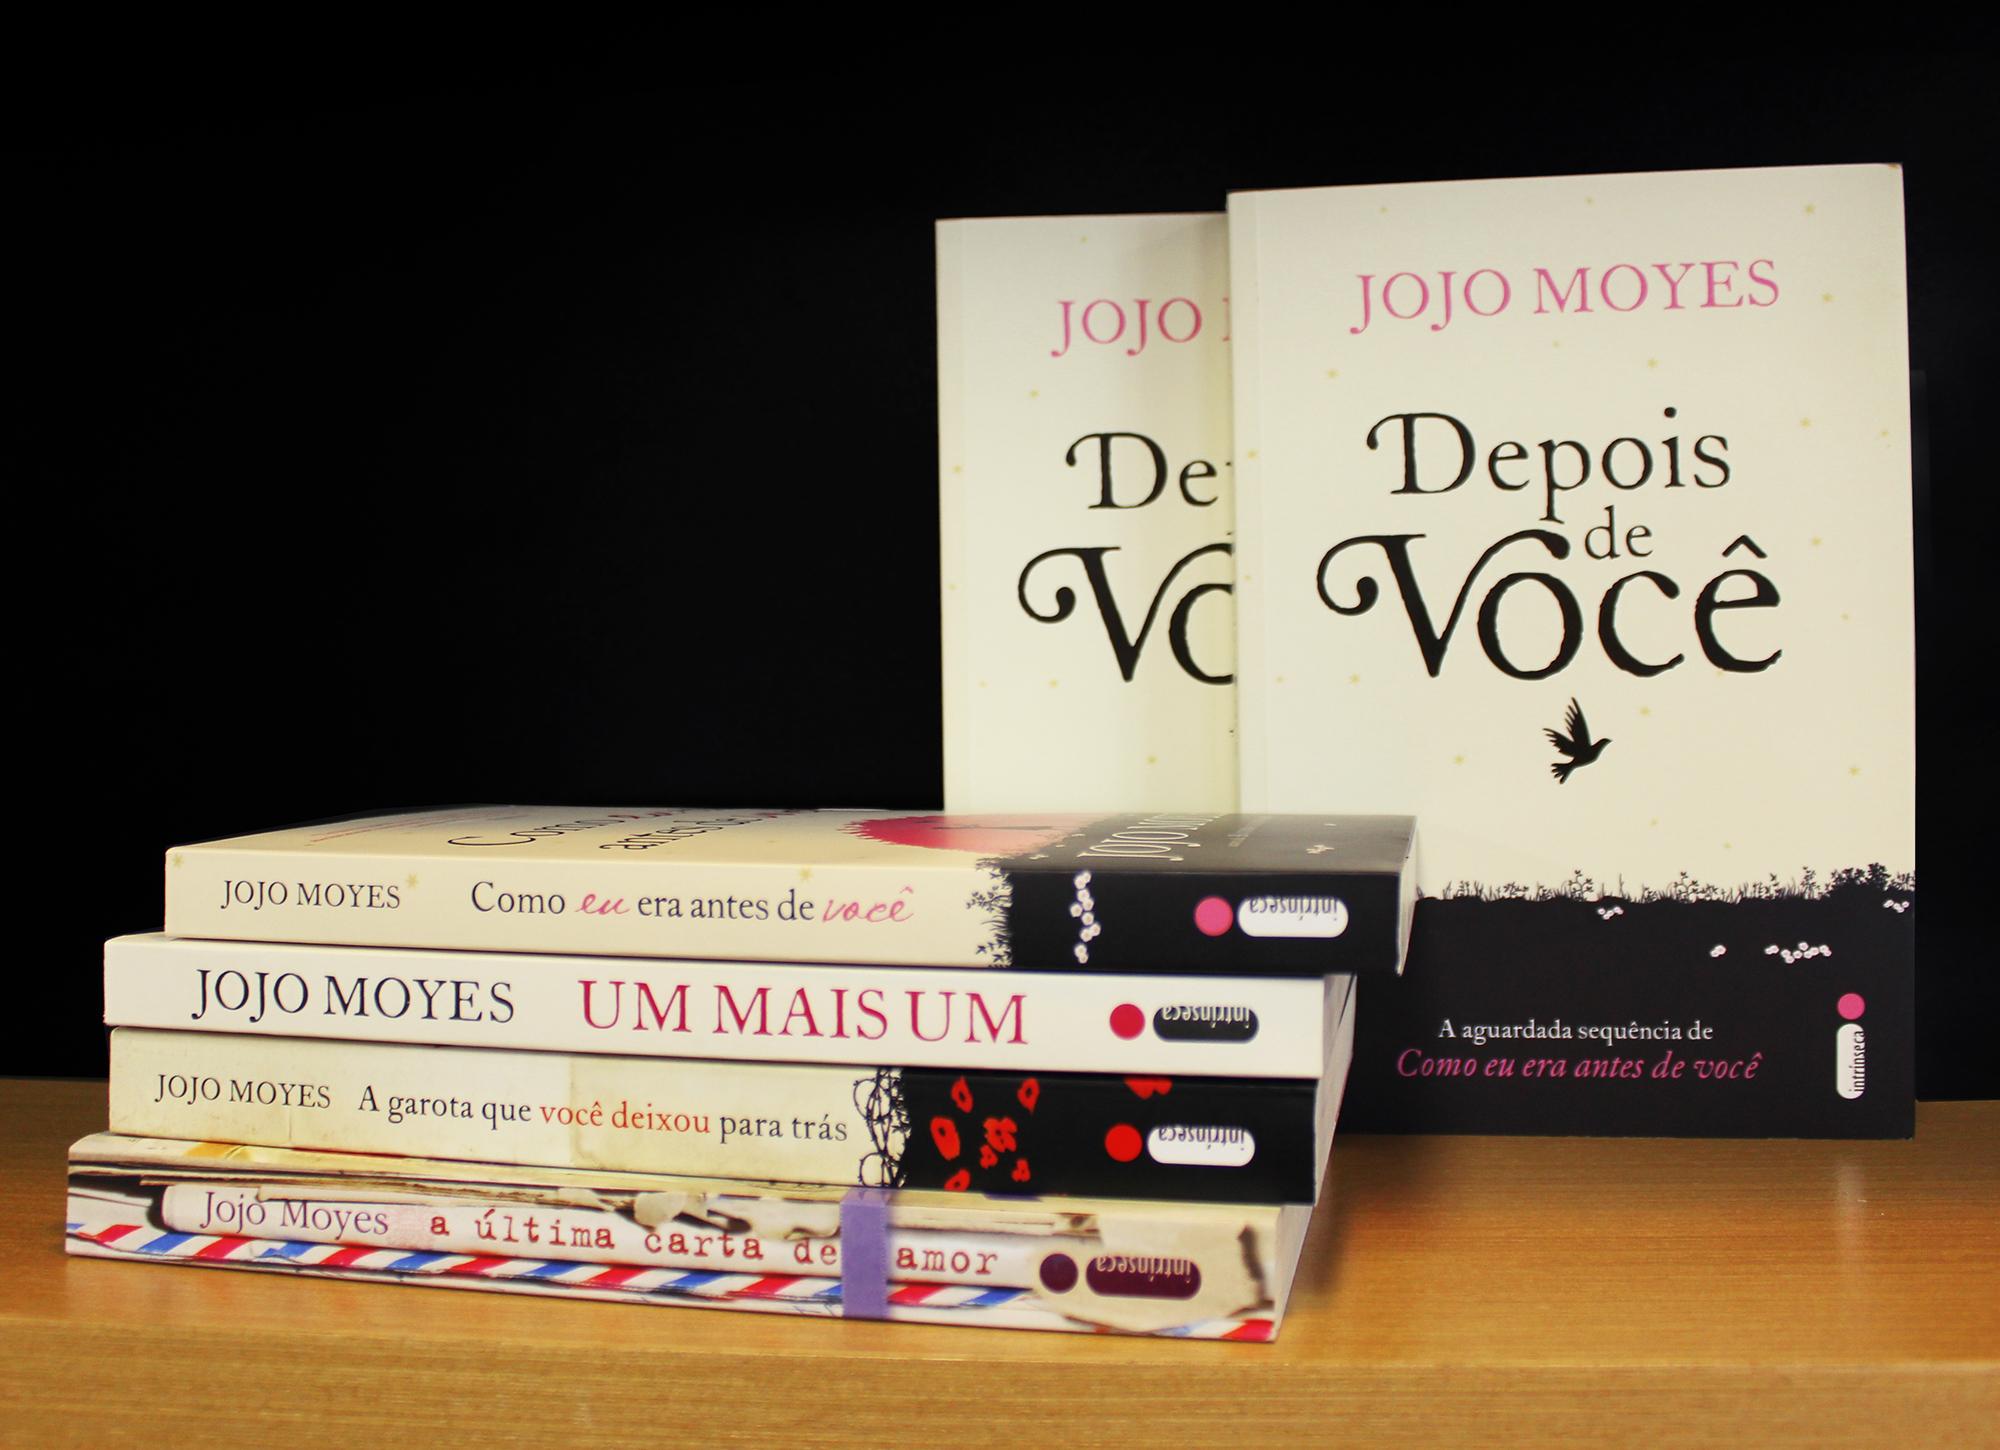 Jojo_moyes